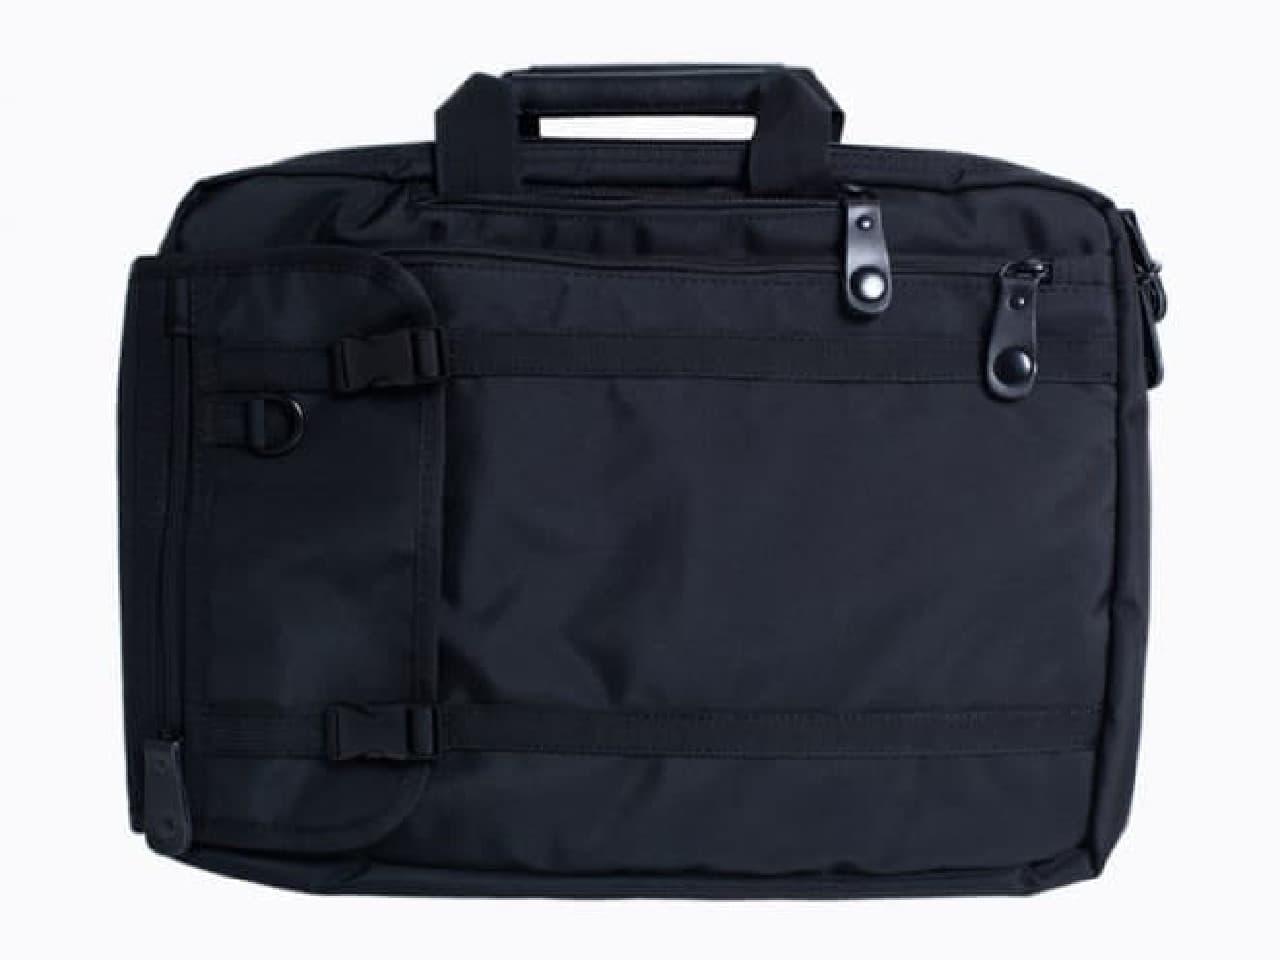 ビジネスバッグのイメージ